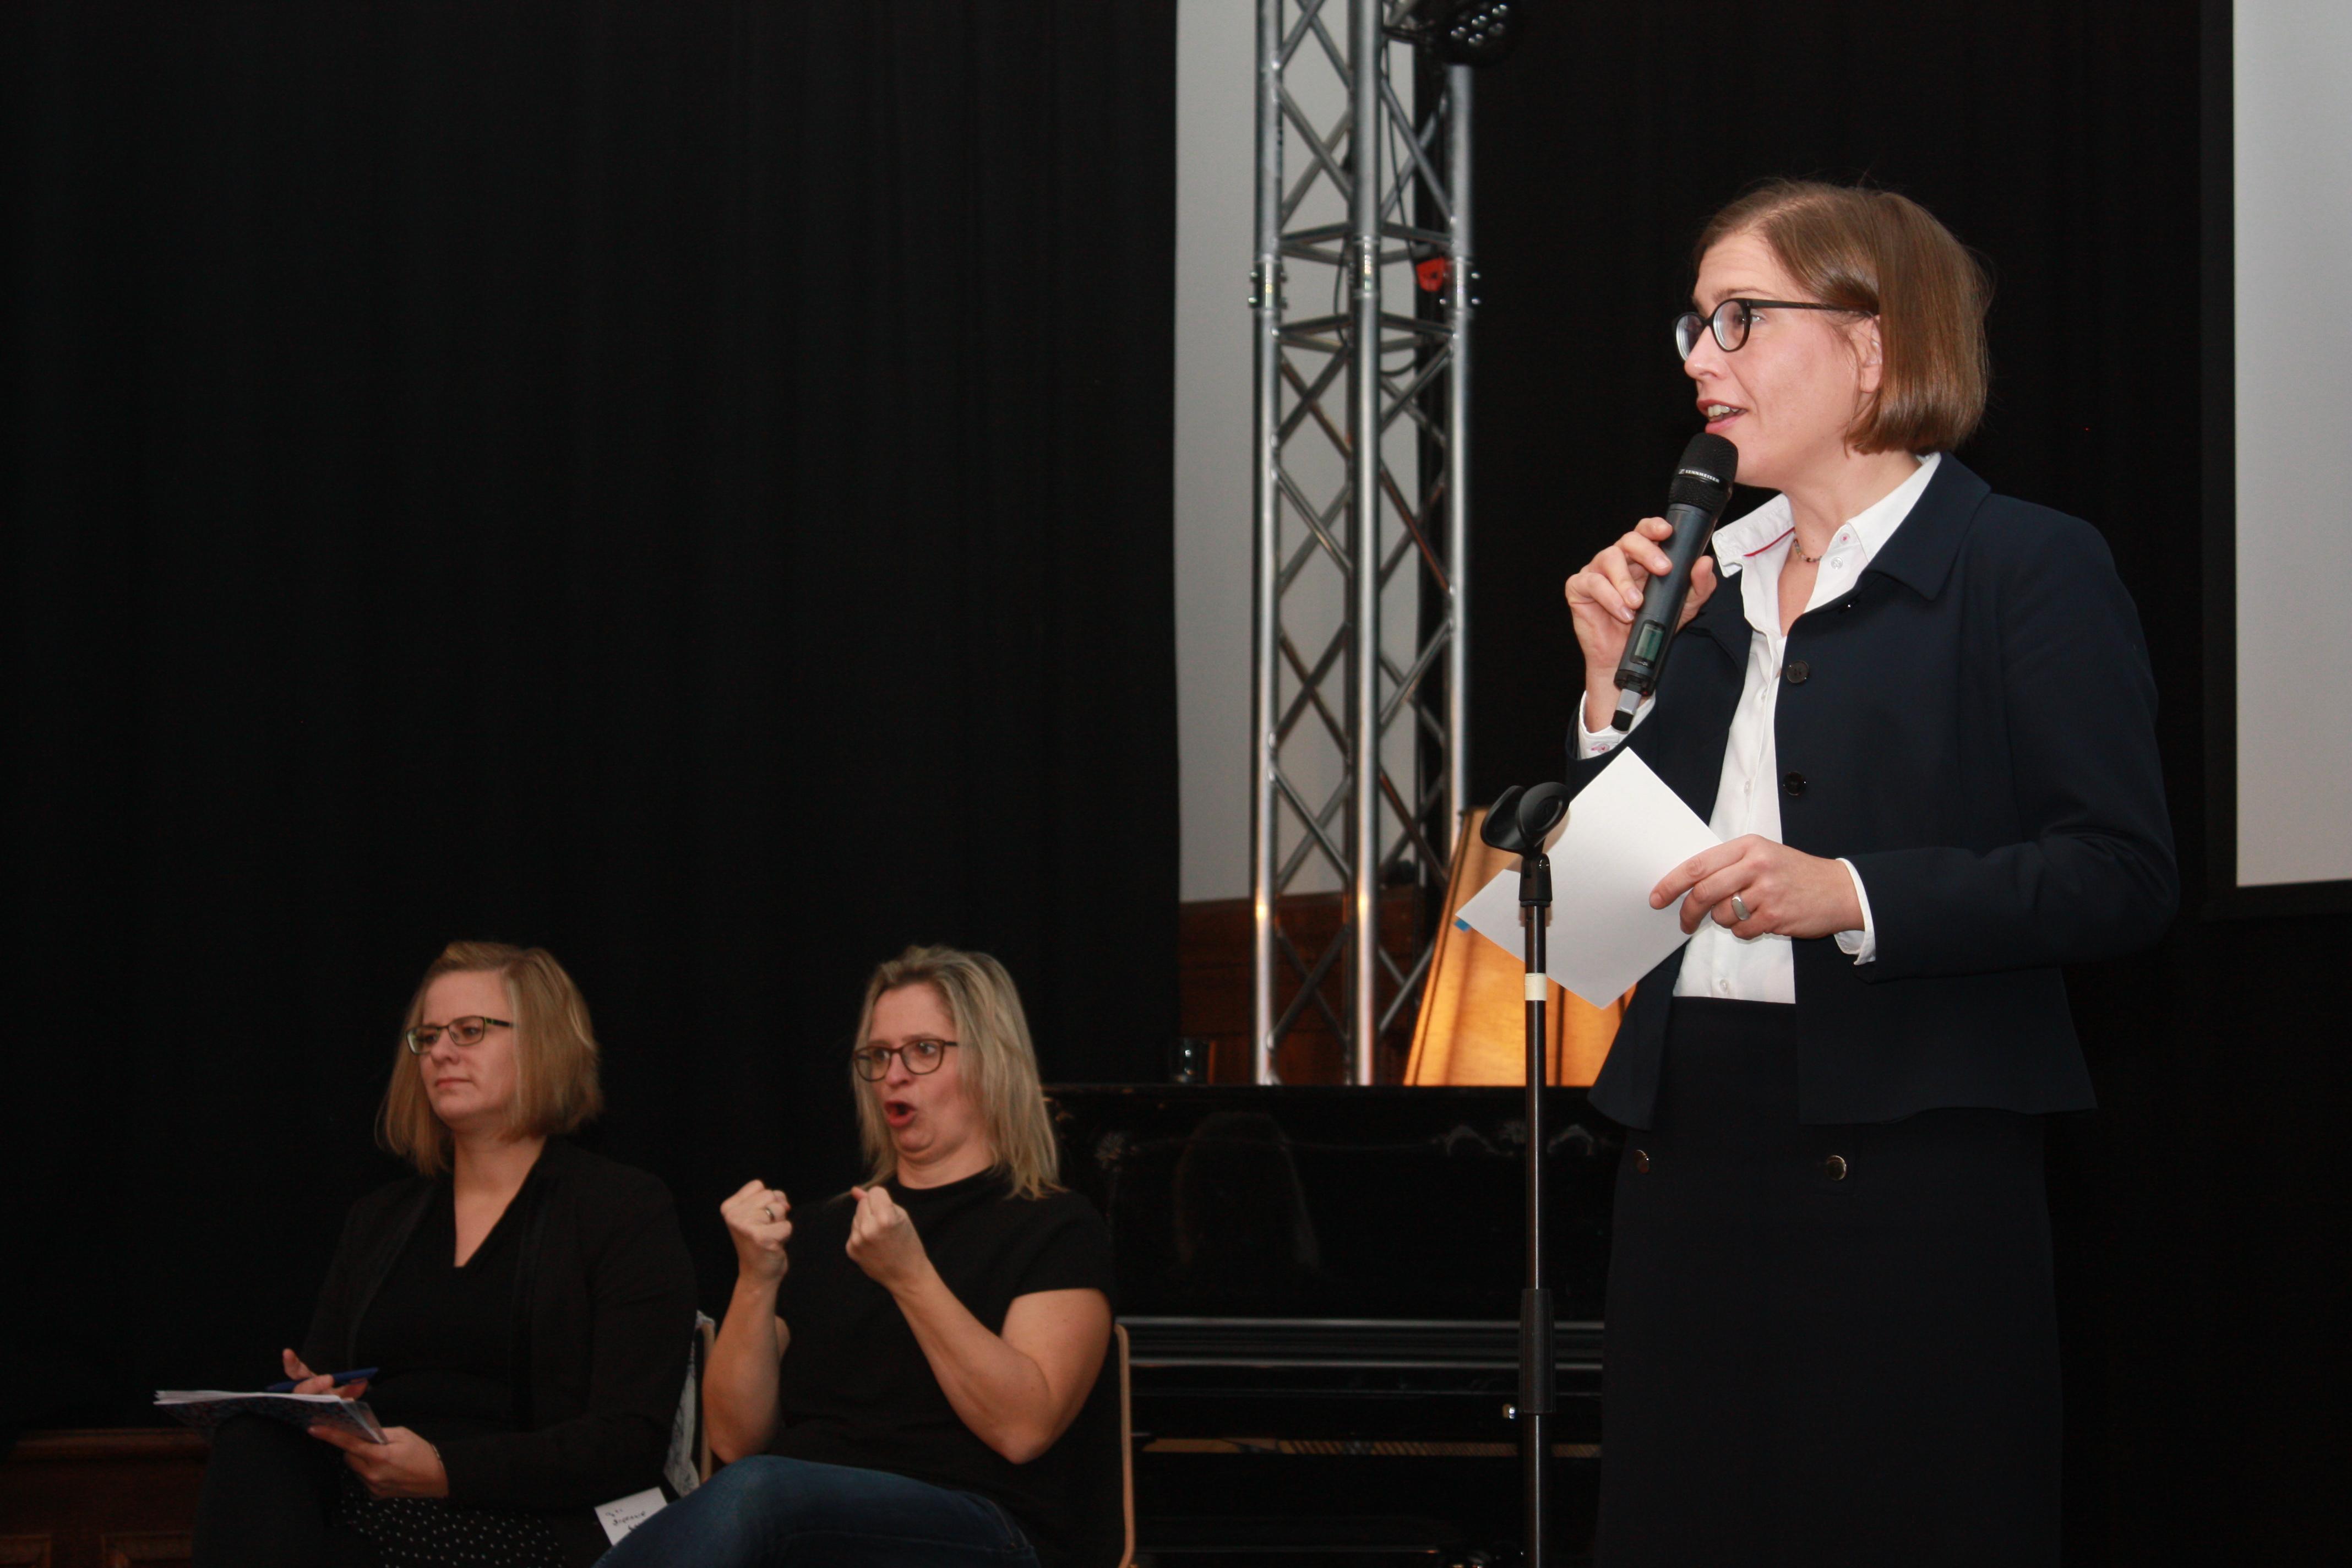 Dr. Skadi Jennicke hält das Grußwort. Im Hintergrund zwei gebärdensprachdolmetscherinnen.